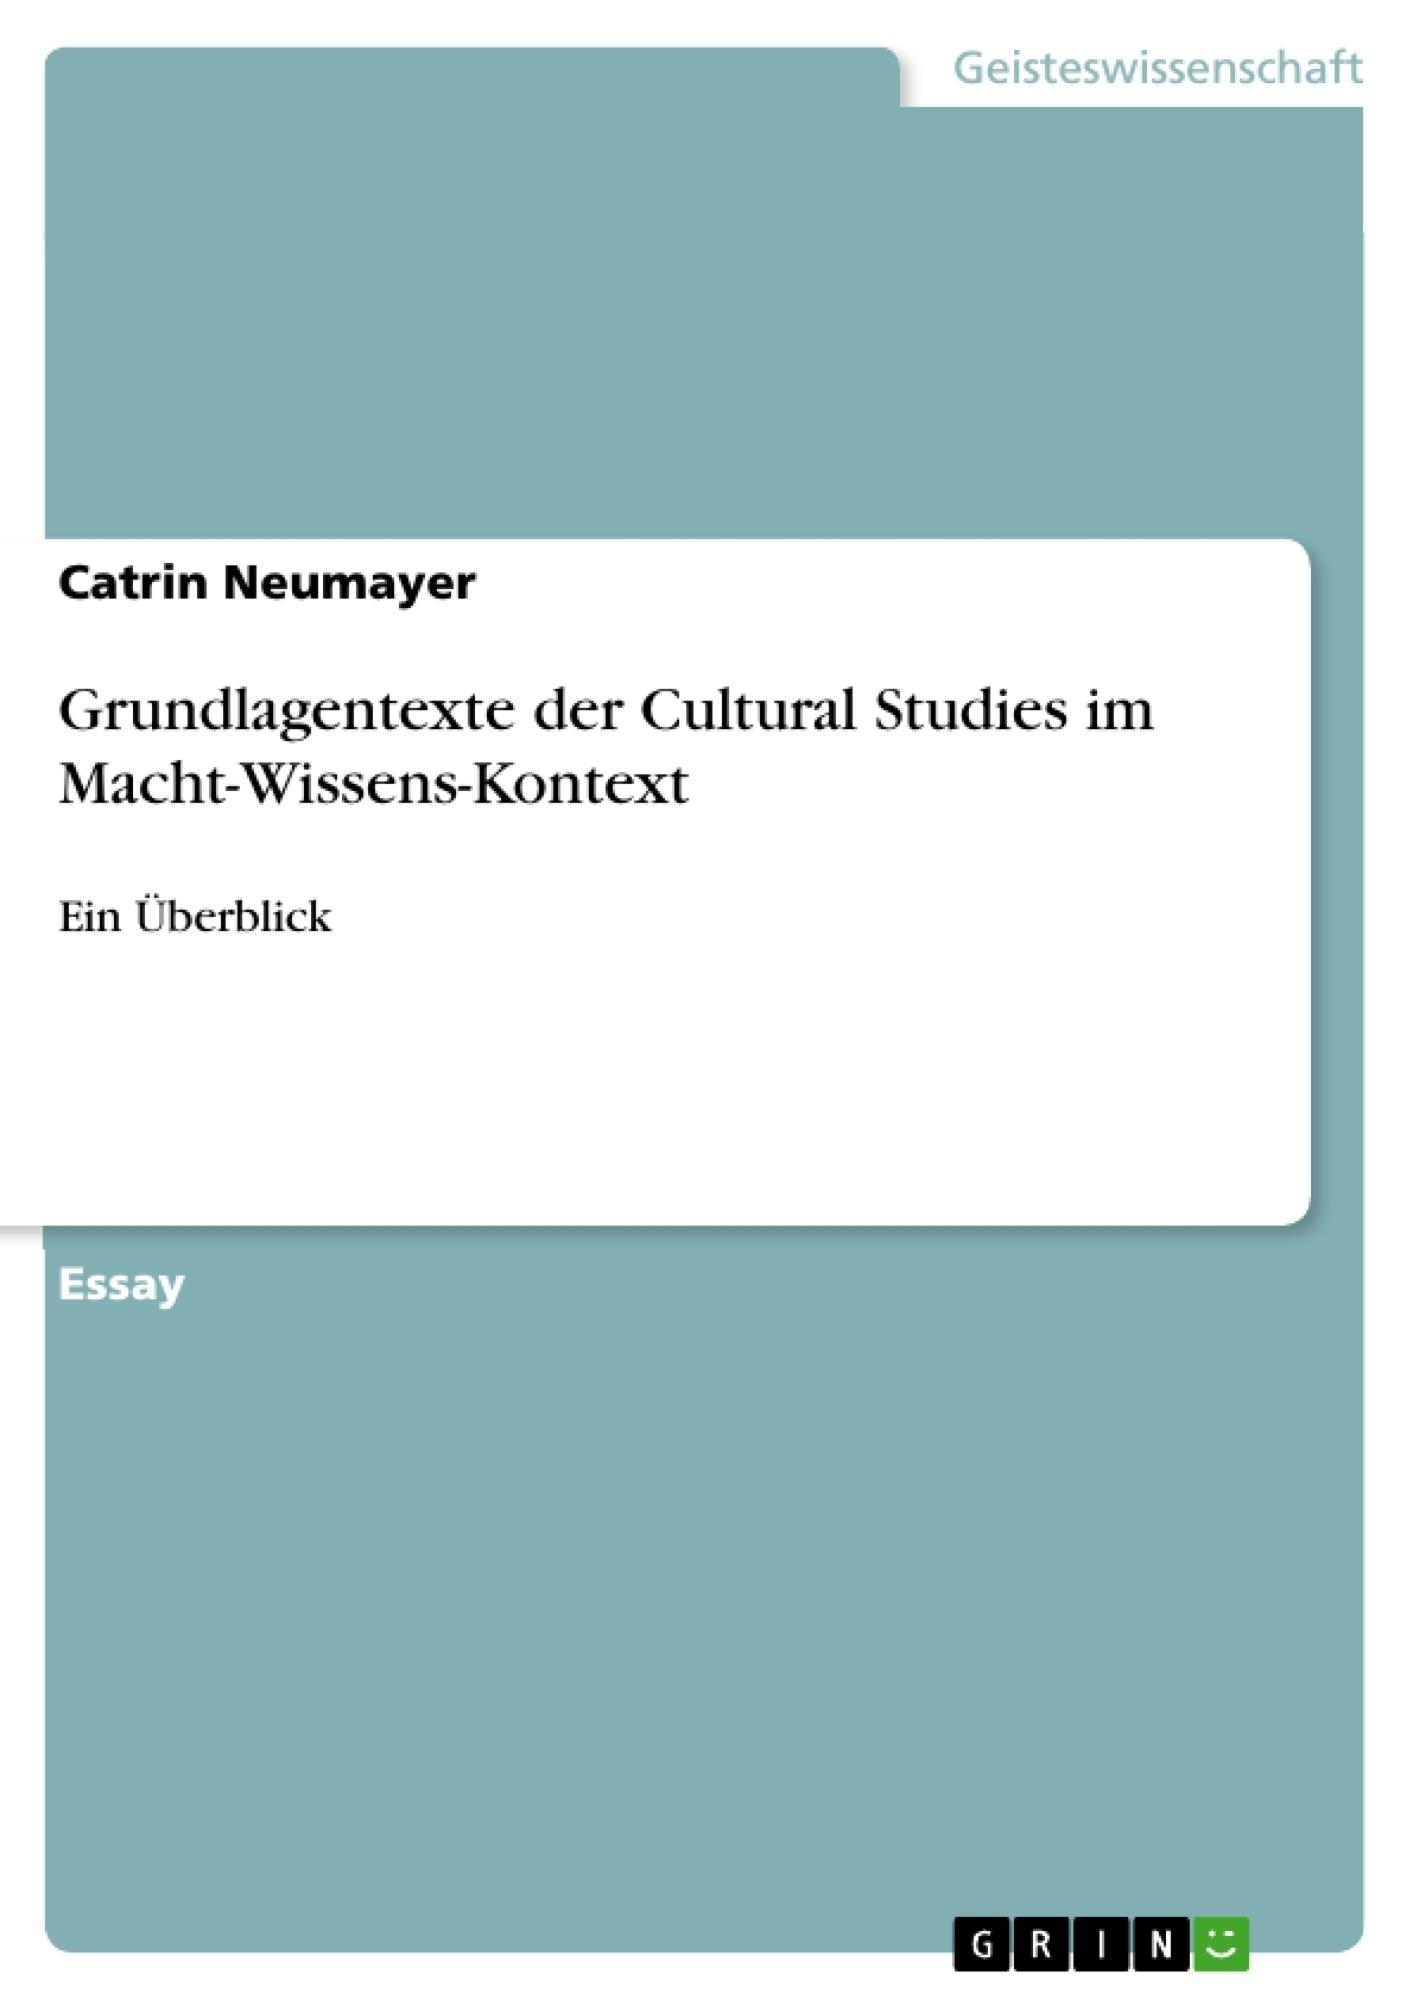 Titel: Grundlagentexte der Cultural Studies im Macht-Wissens-Kontext